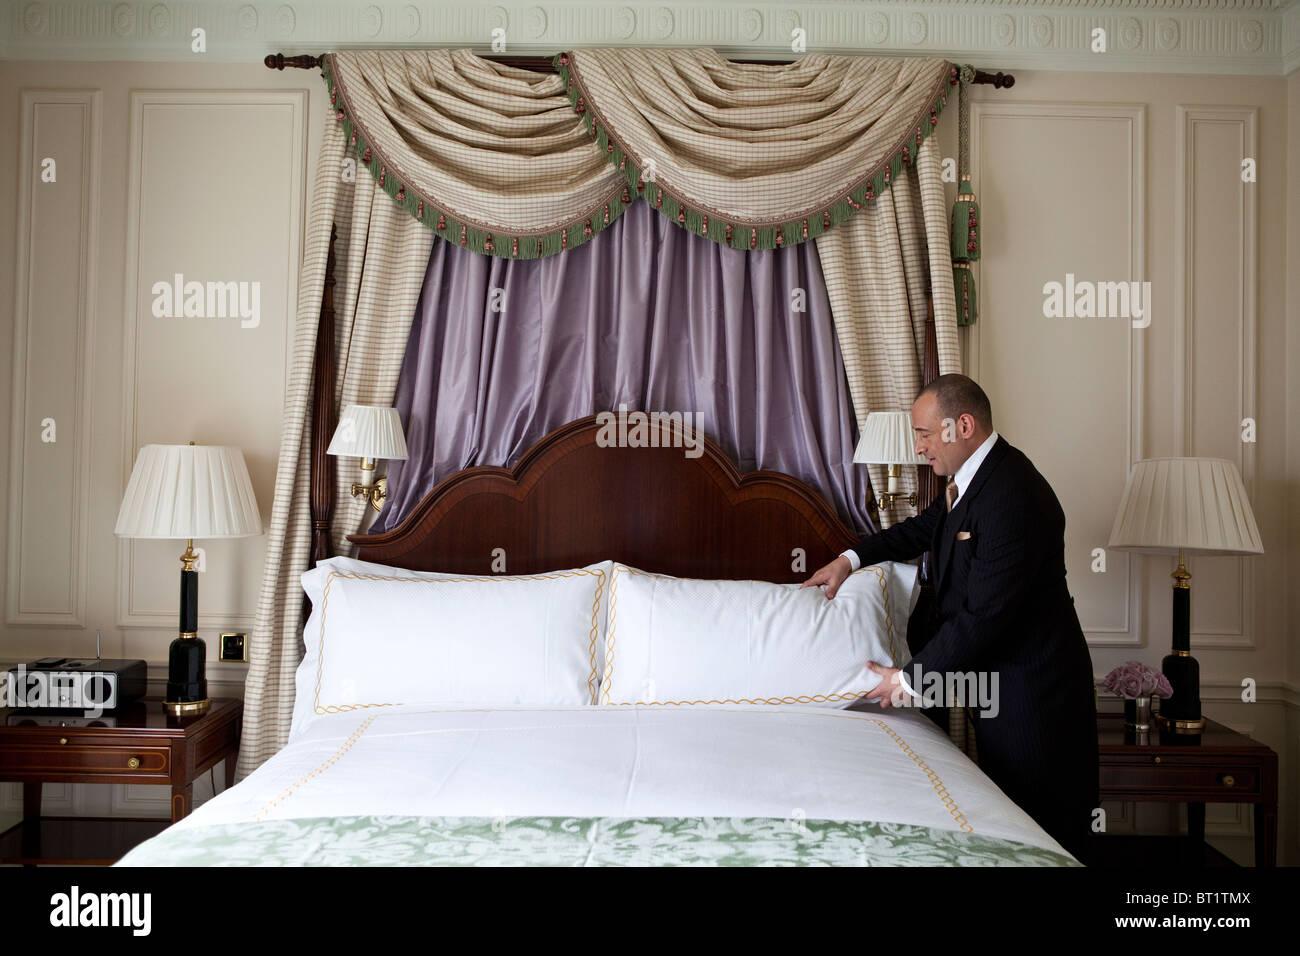 Hotel Savoy en Londres. Fue reabierto en octubre de 2010 después de una renovación completa. Las fotos Imagen De Stock